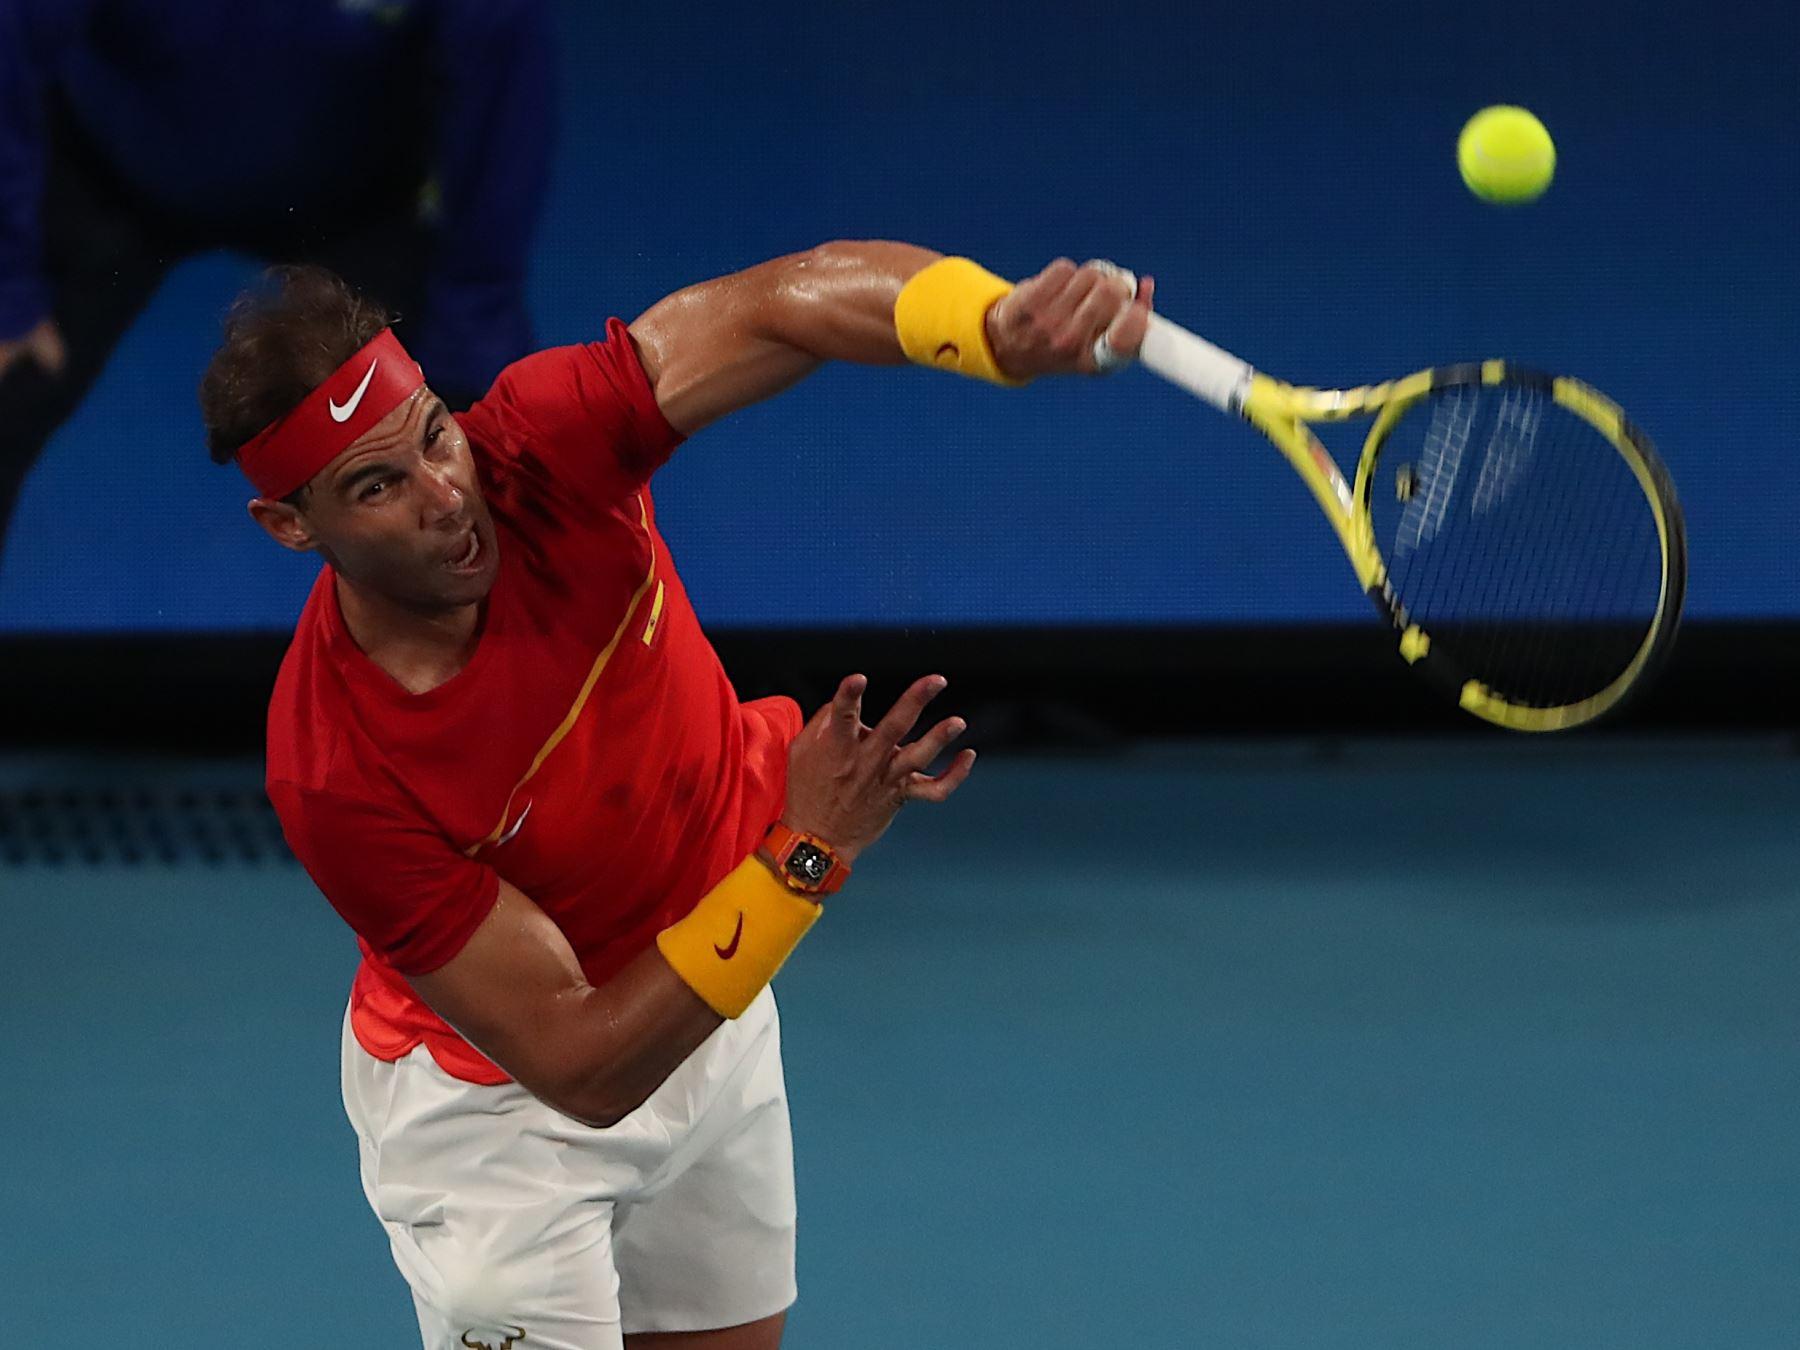 Rafael Nadal de España sirve durante su partido individual masculino contra Alex de Minaur de Australia en el torneo de tenis ATP Cup en Sydney. Foto: AFP